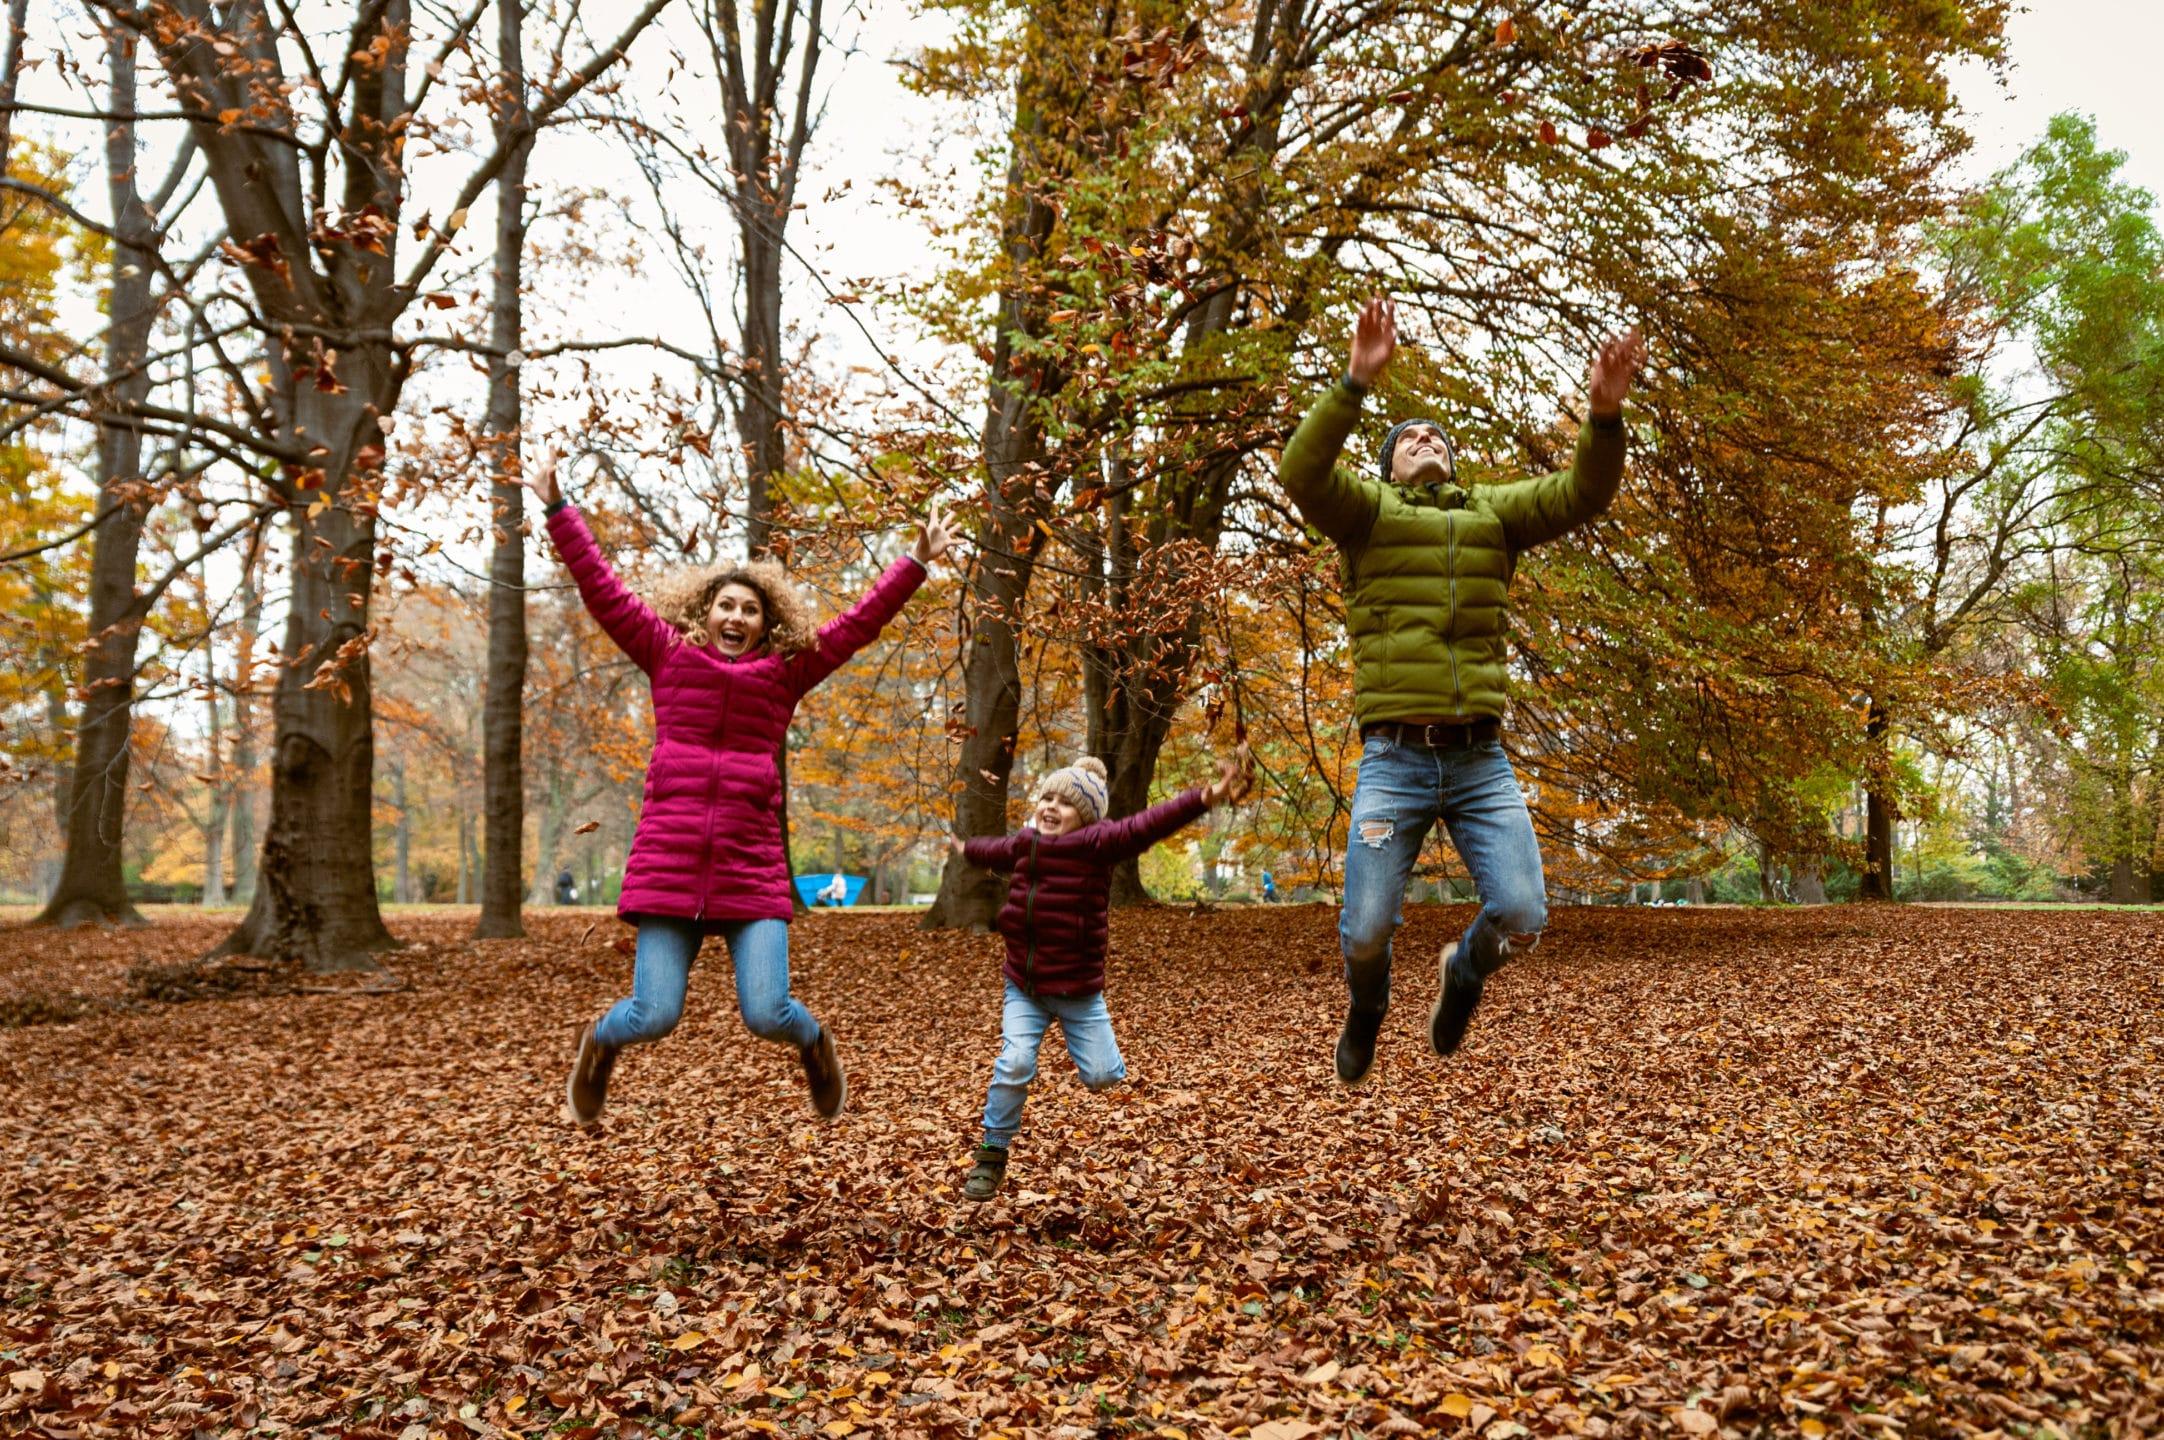 jesenna rodinna fotka vo vyskoku v parku pocas jesene